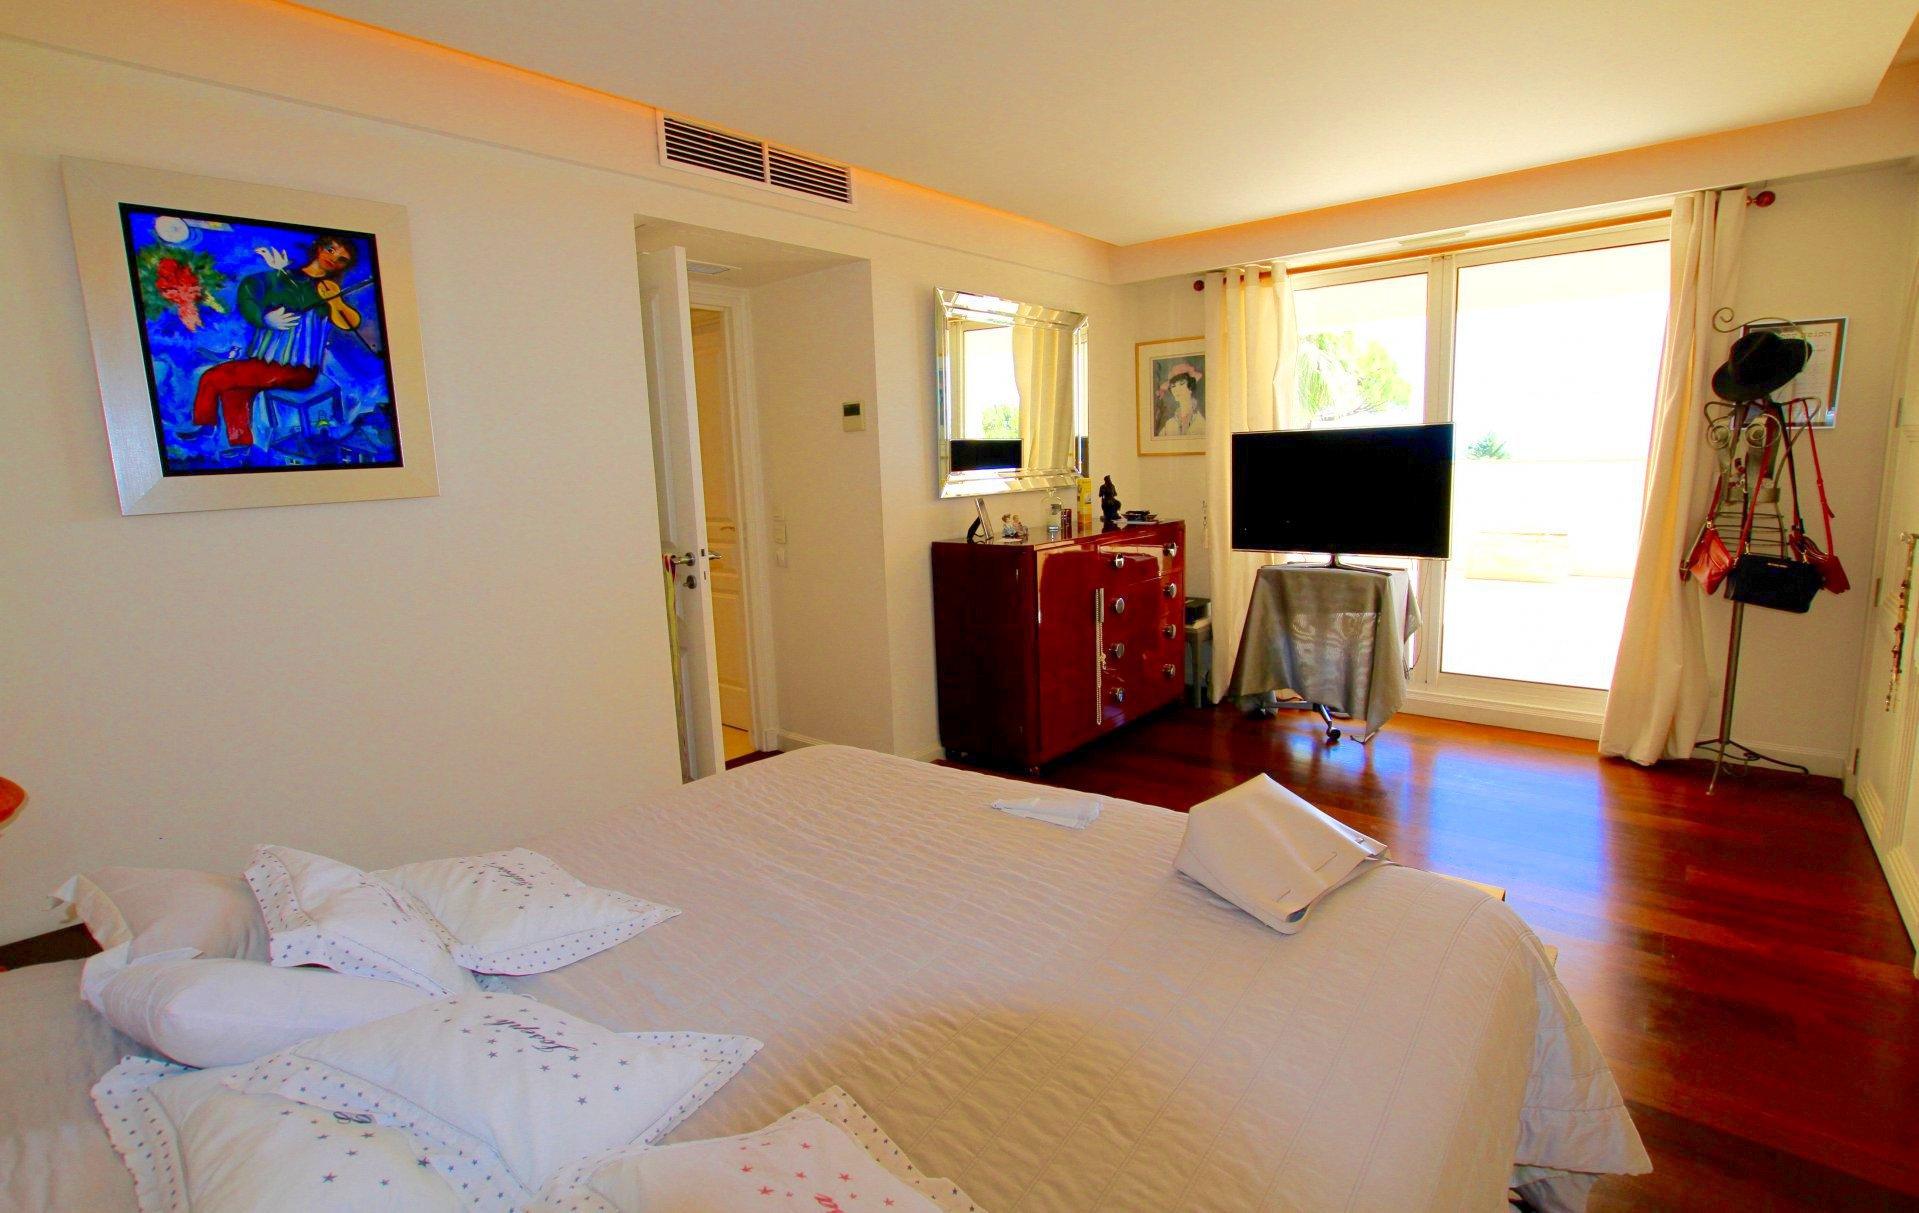 Villeneuve Loubet villa 5p chambre 2